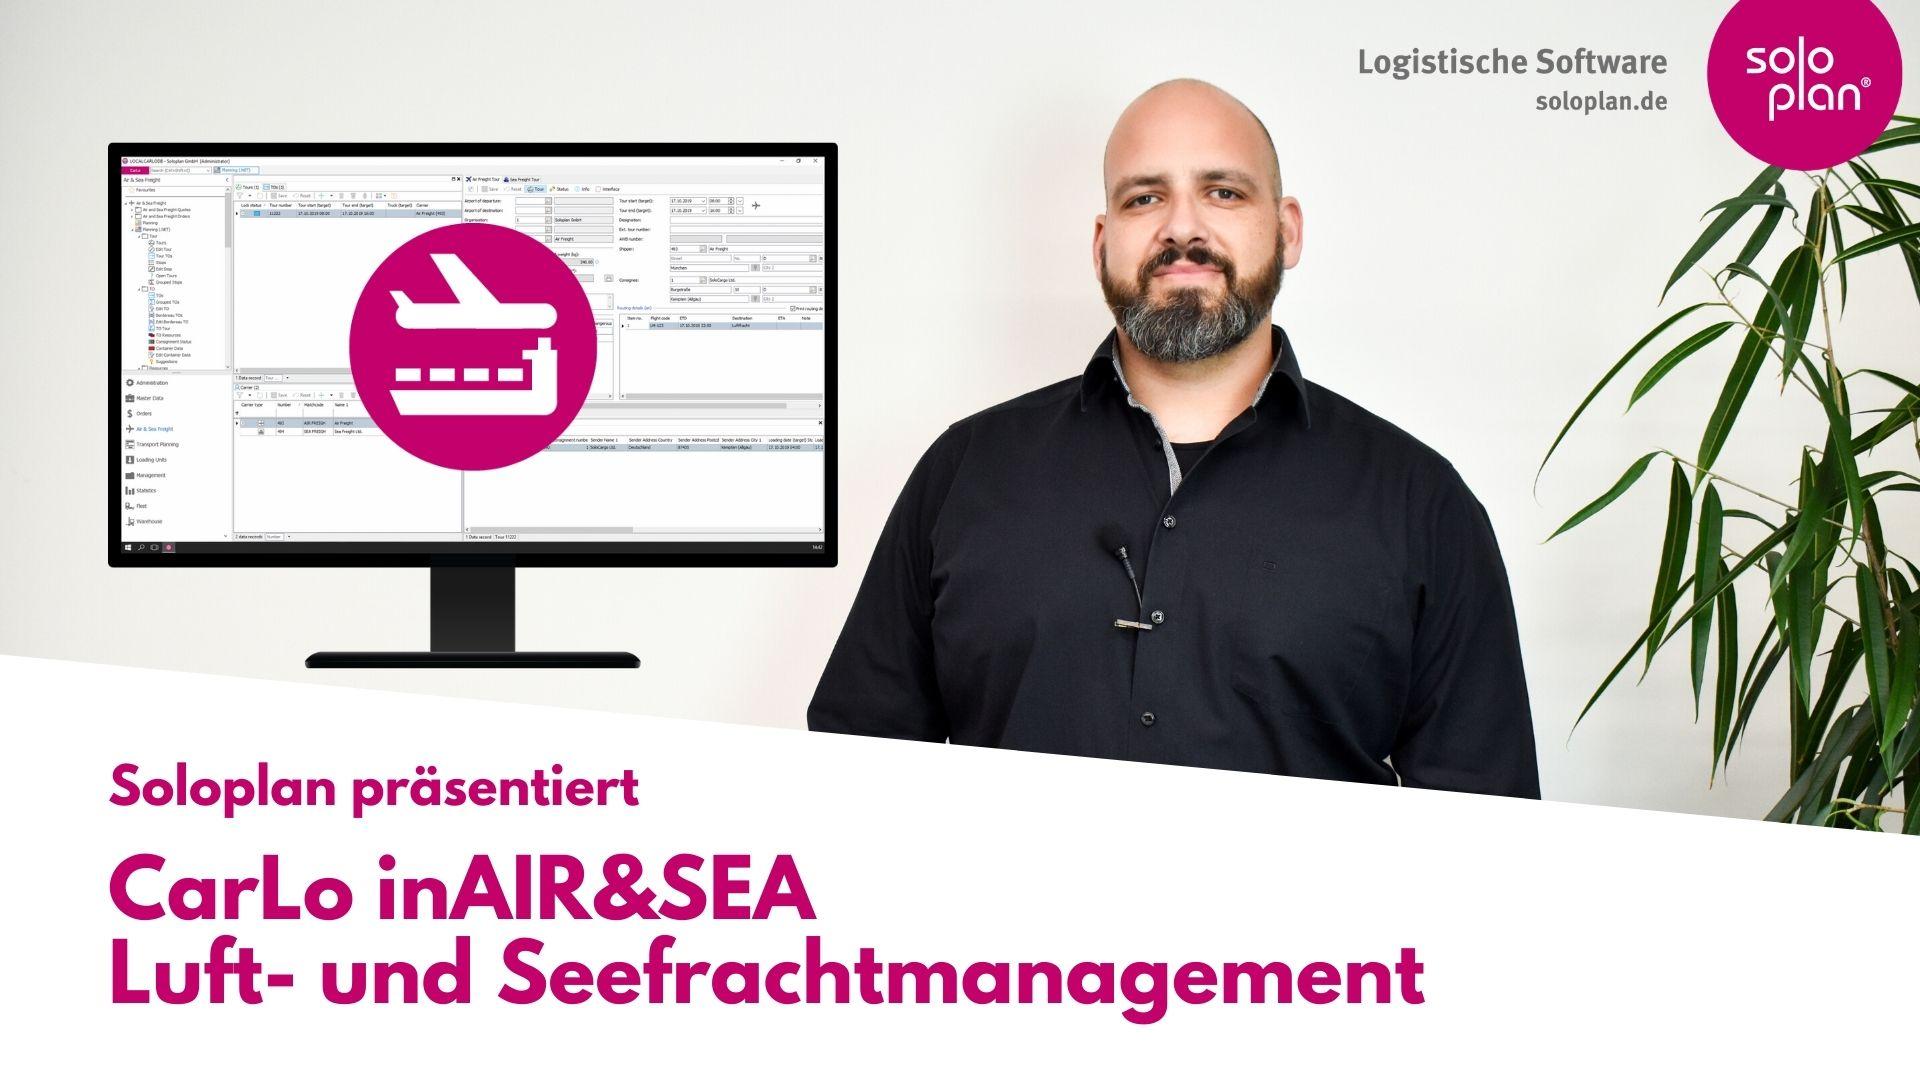 CarLo inAIR&SEA Luft- und Seefrachtmanagement